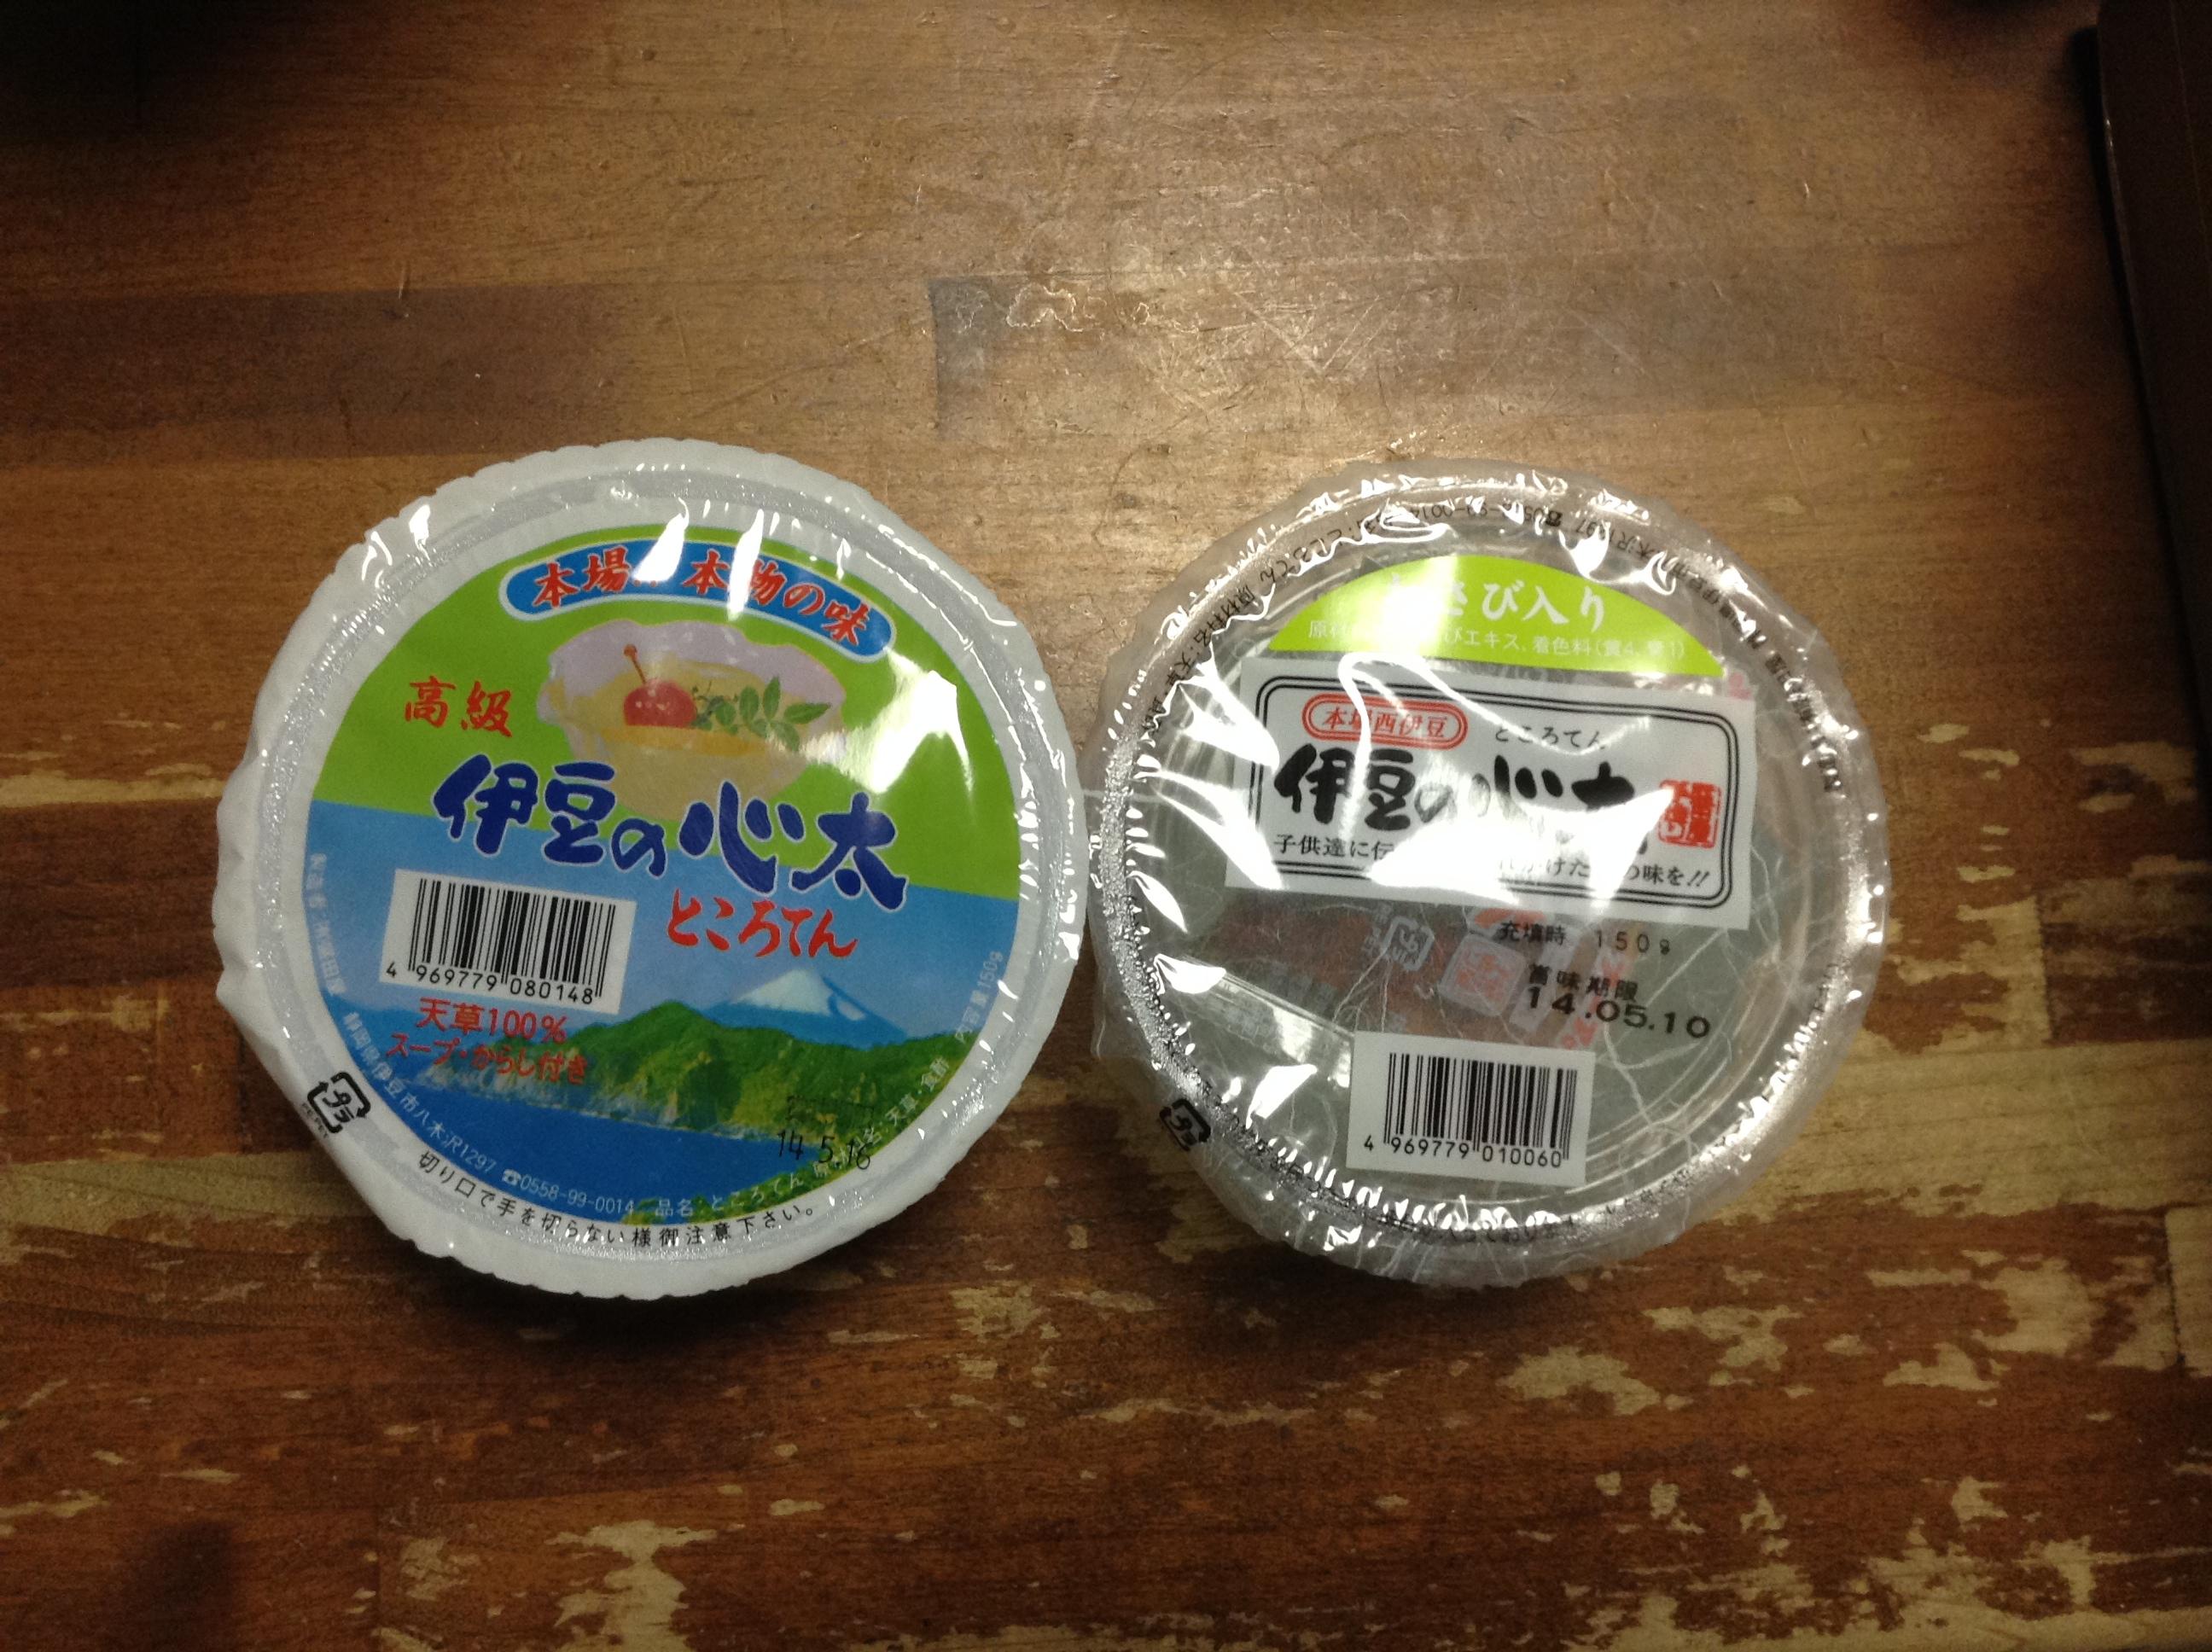 【アイモバリアルグルメツアー】西伊豆エリアで産まれた絶品ところてんを食す